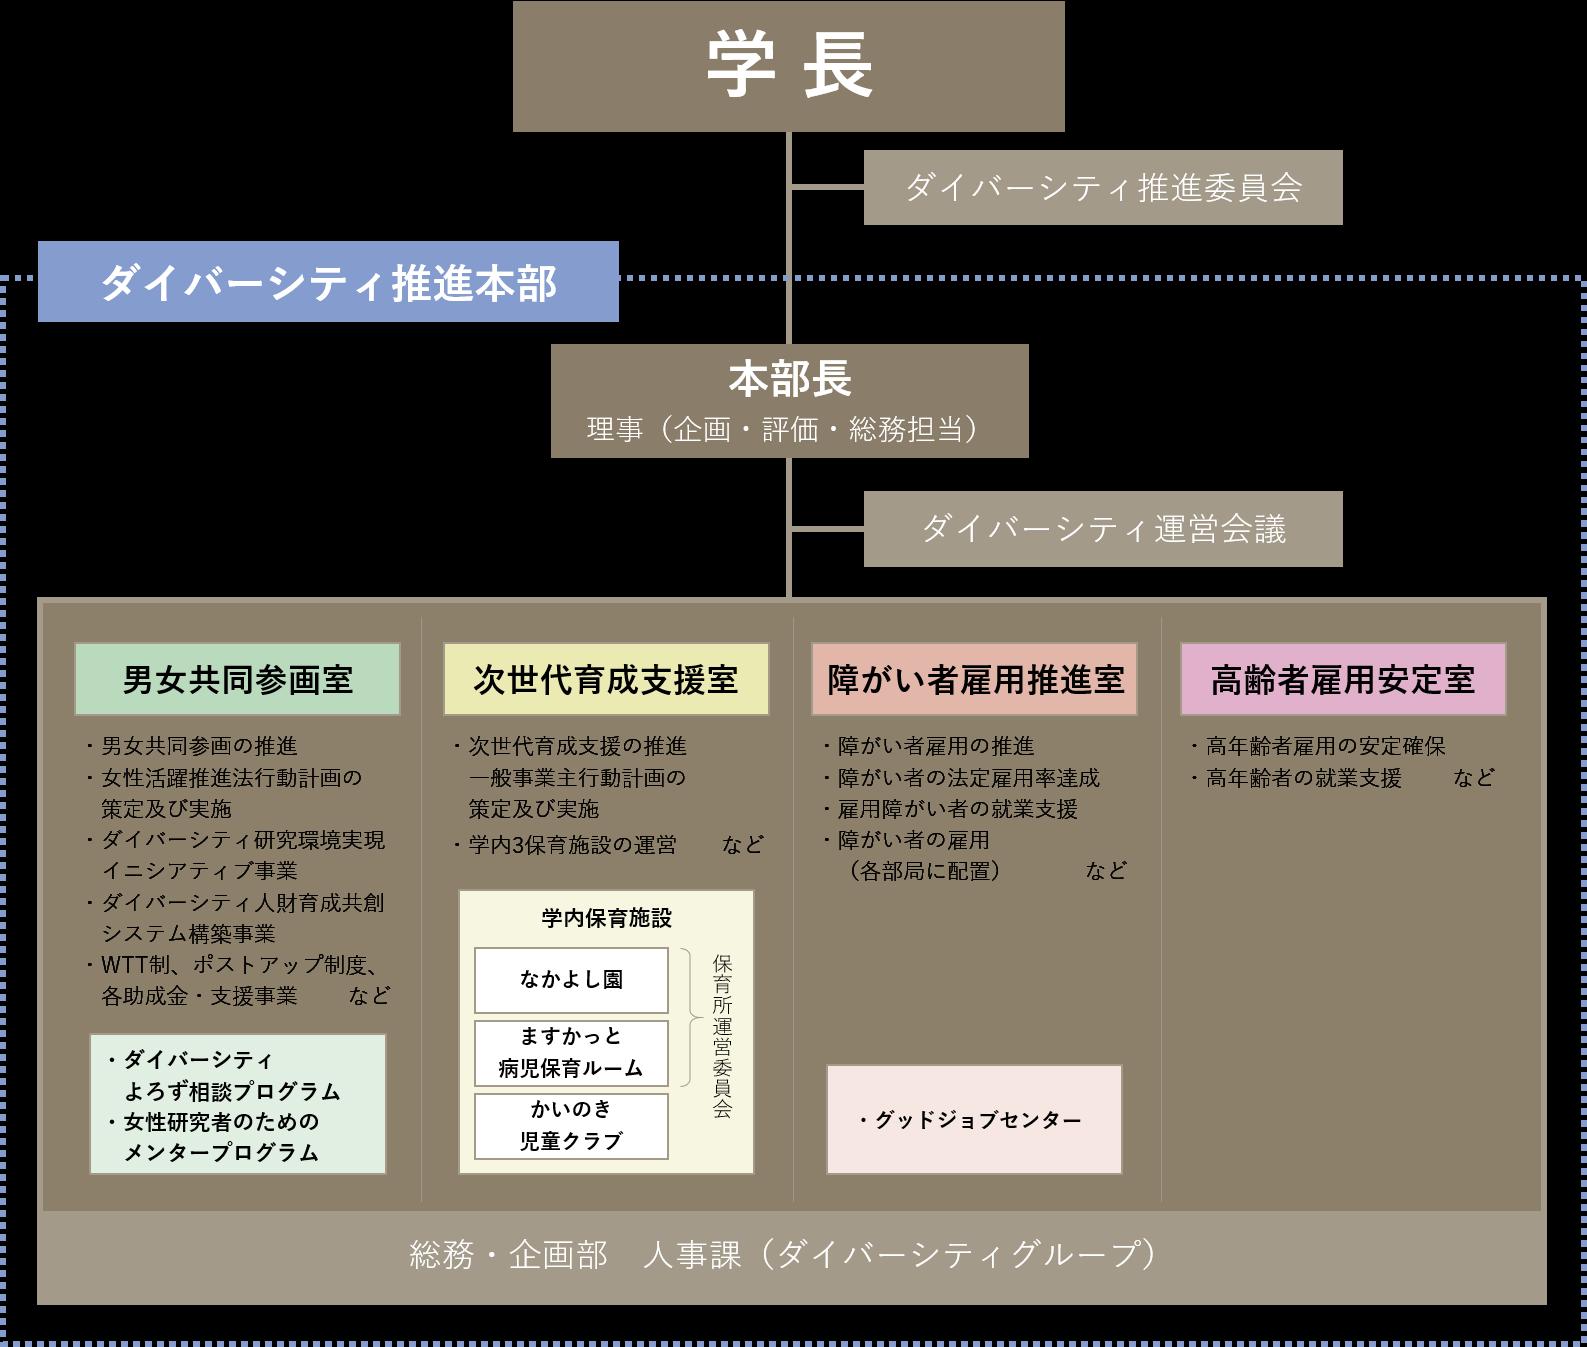 ダイバーシティ推進本部体制図